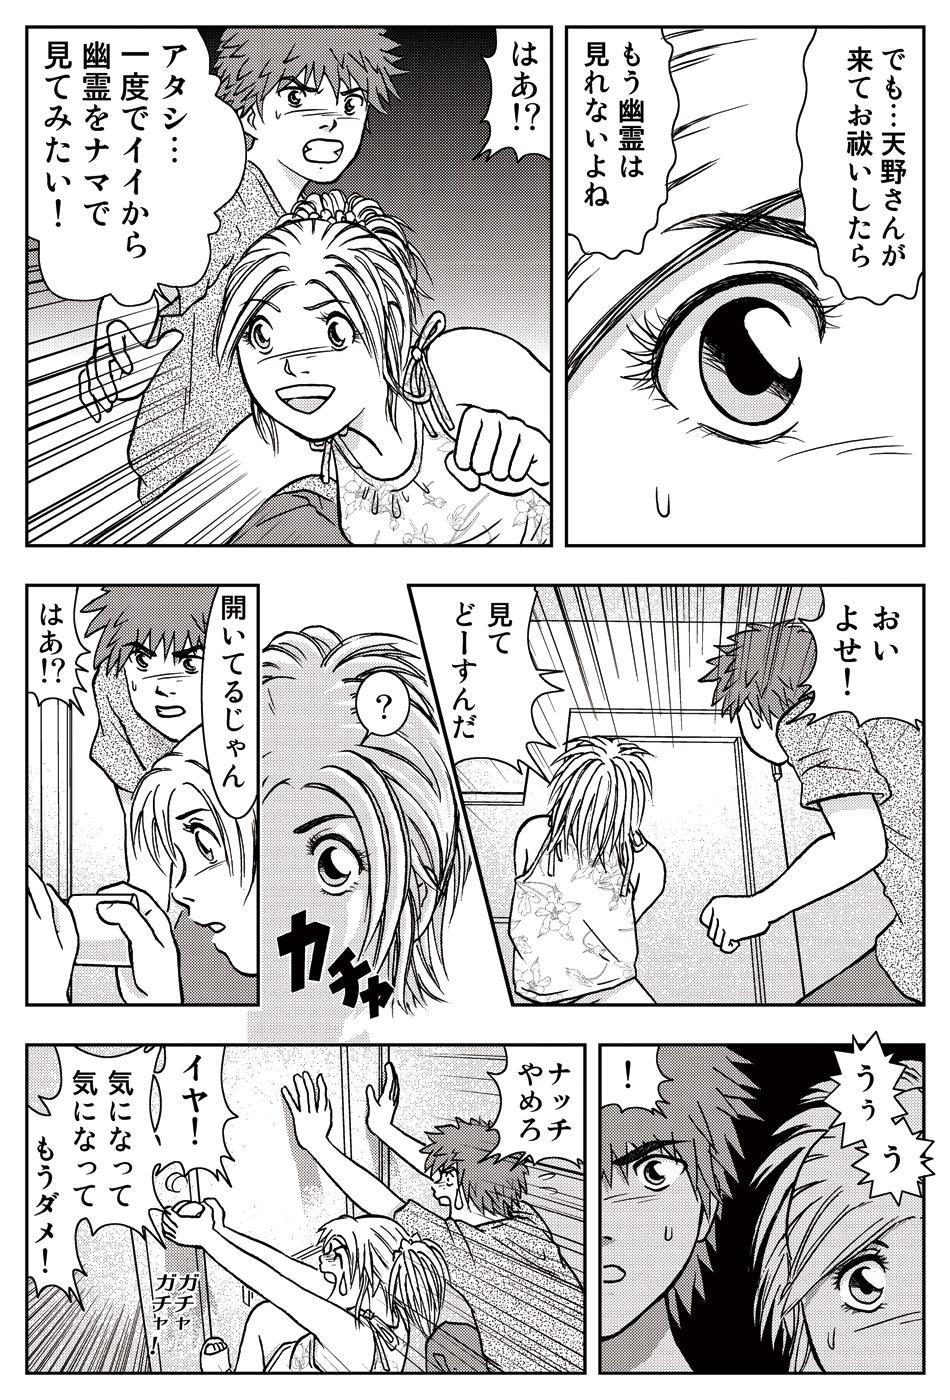 チラシ用ページ漫画_2201